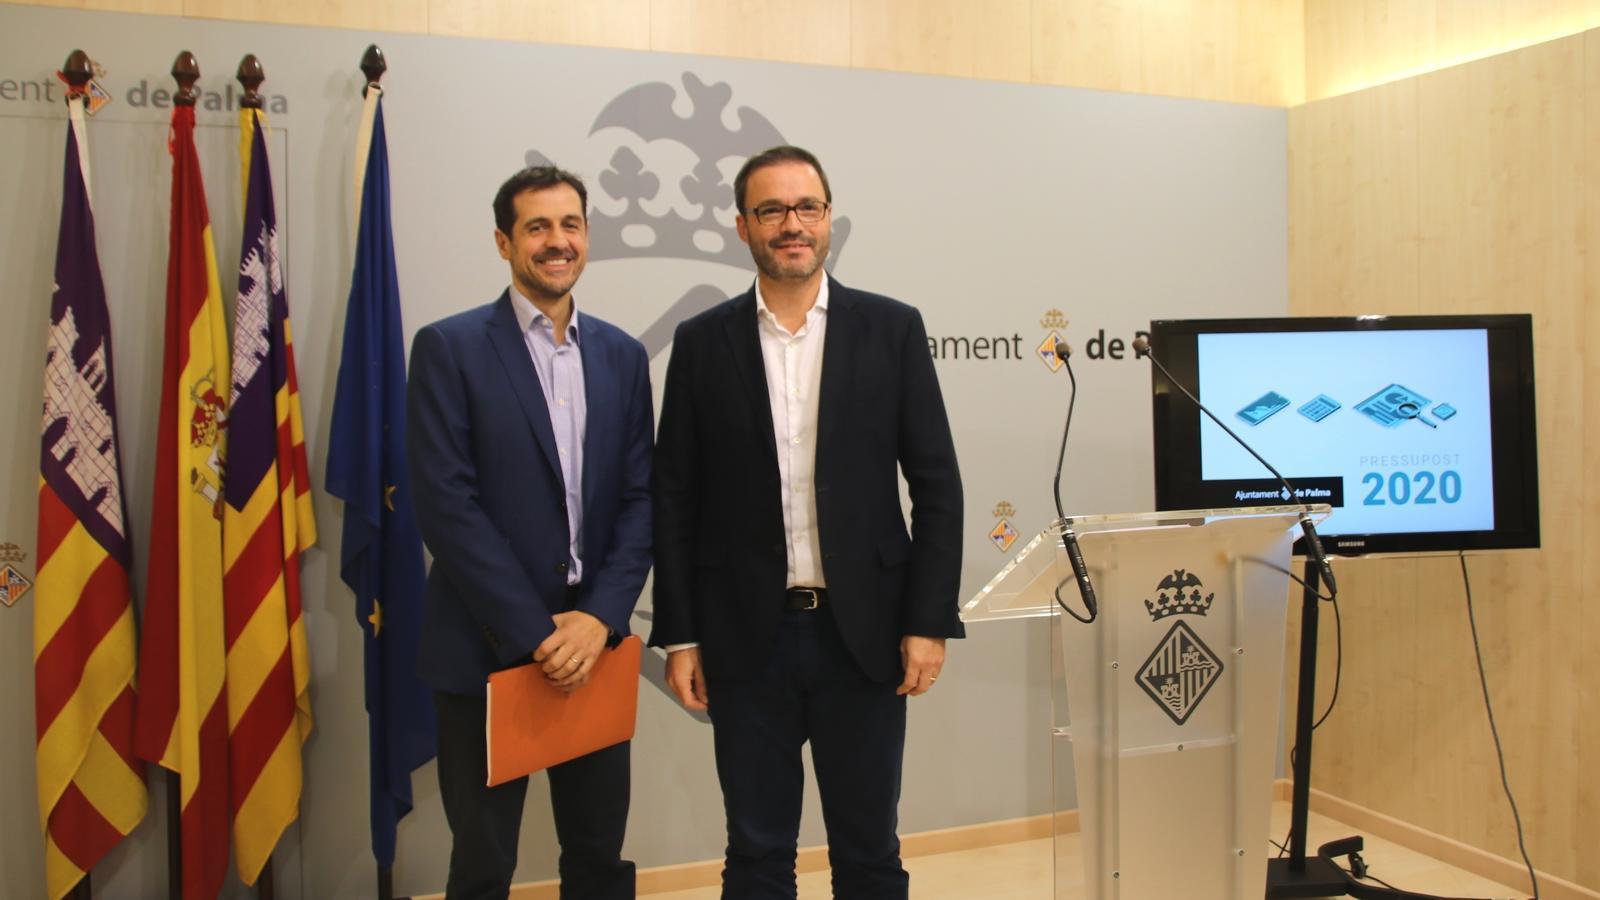 El regidor d'Economia, Hisenda i Innovació, Adrià Garcia, i el batle de Palma, José Hila